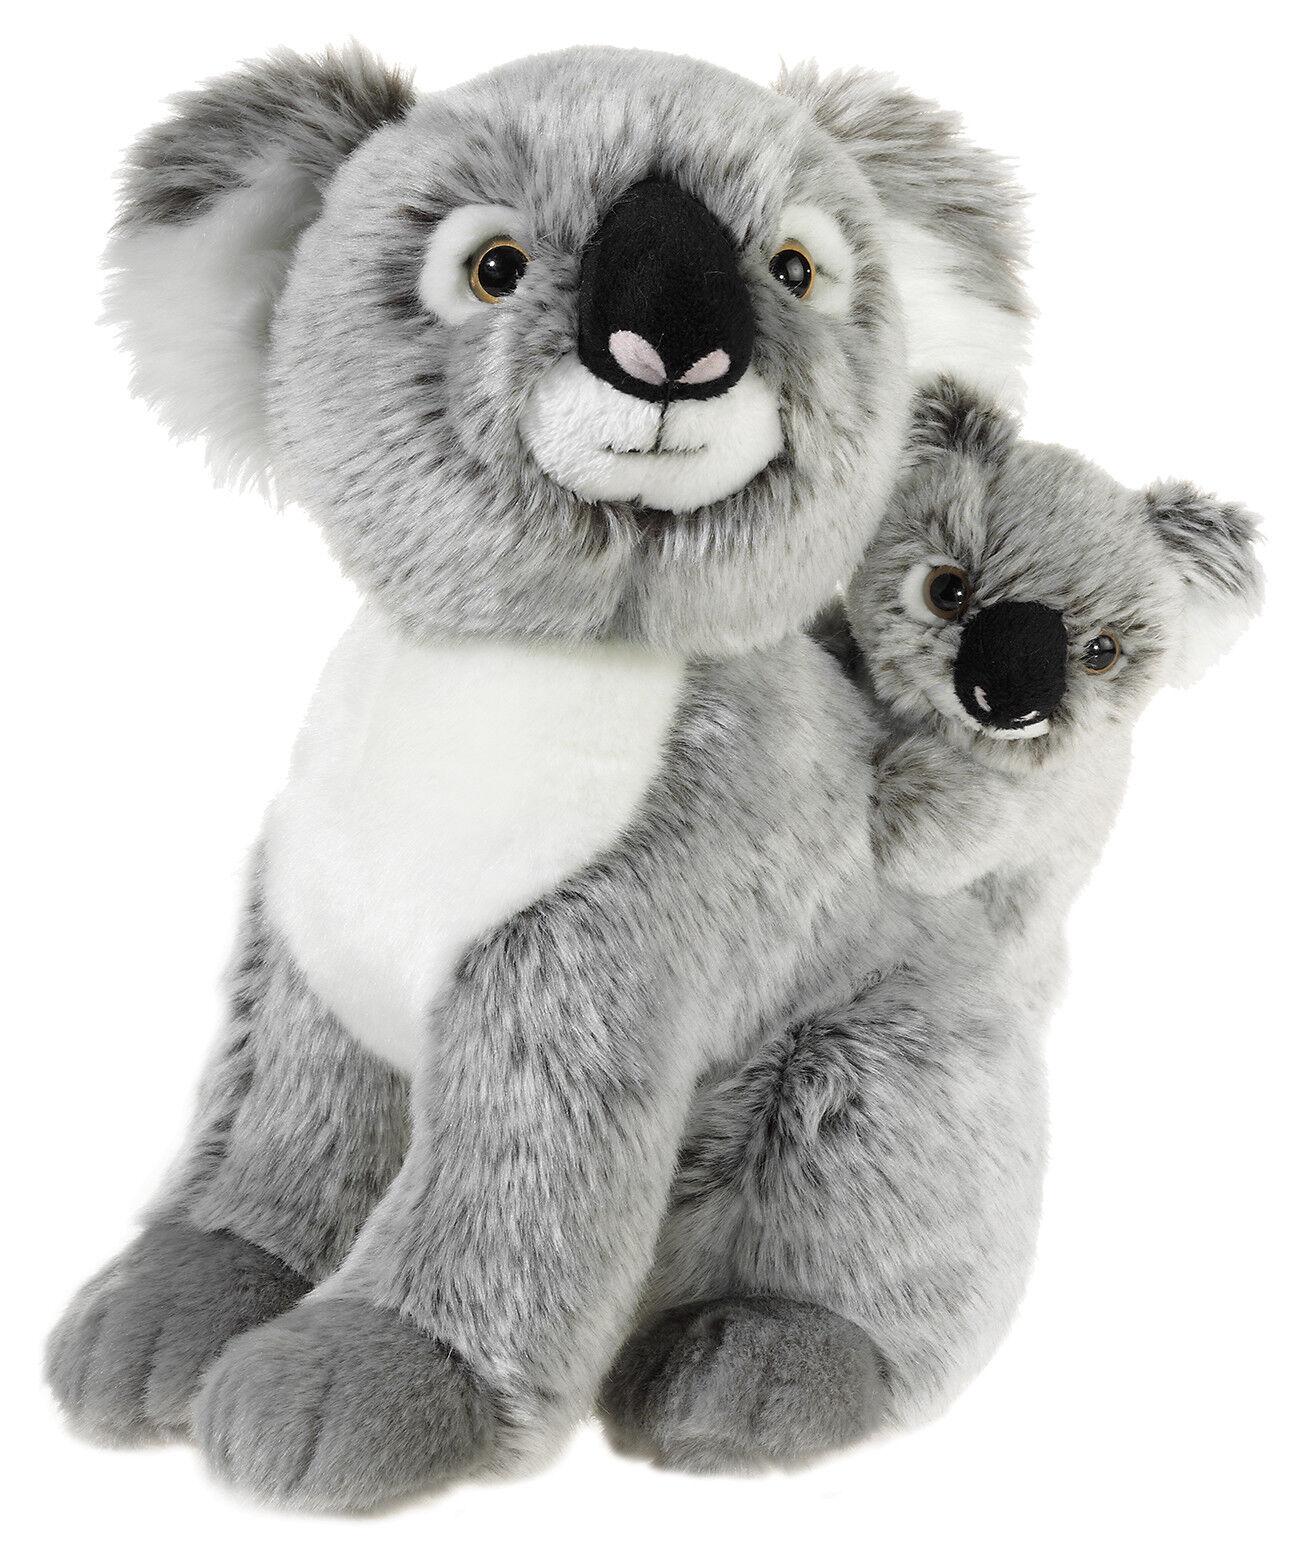 MI CLASSICO Plüsch Koala Bär mit Baby Kuschel - Plüschtier Kuscheltier Stofftier